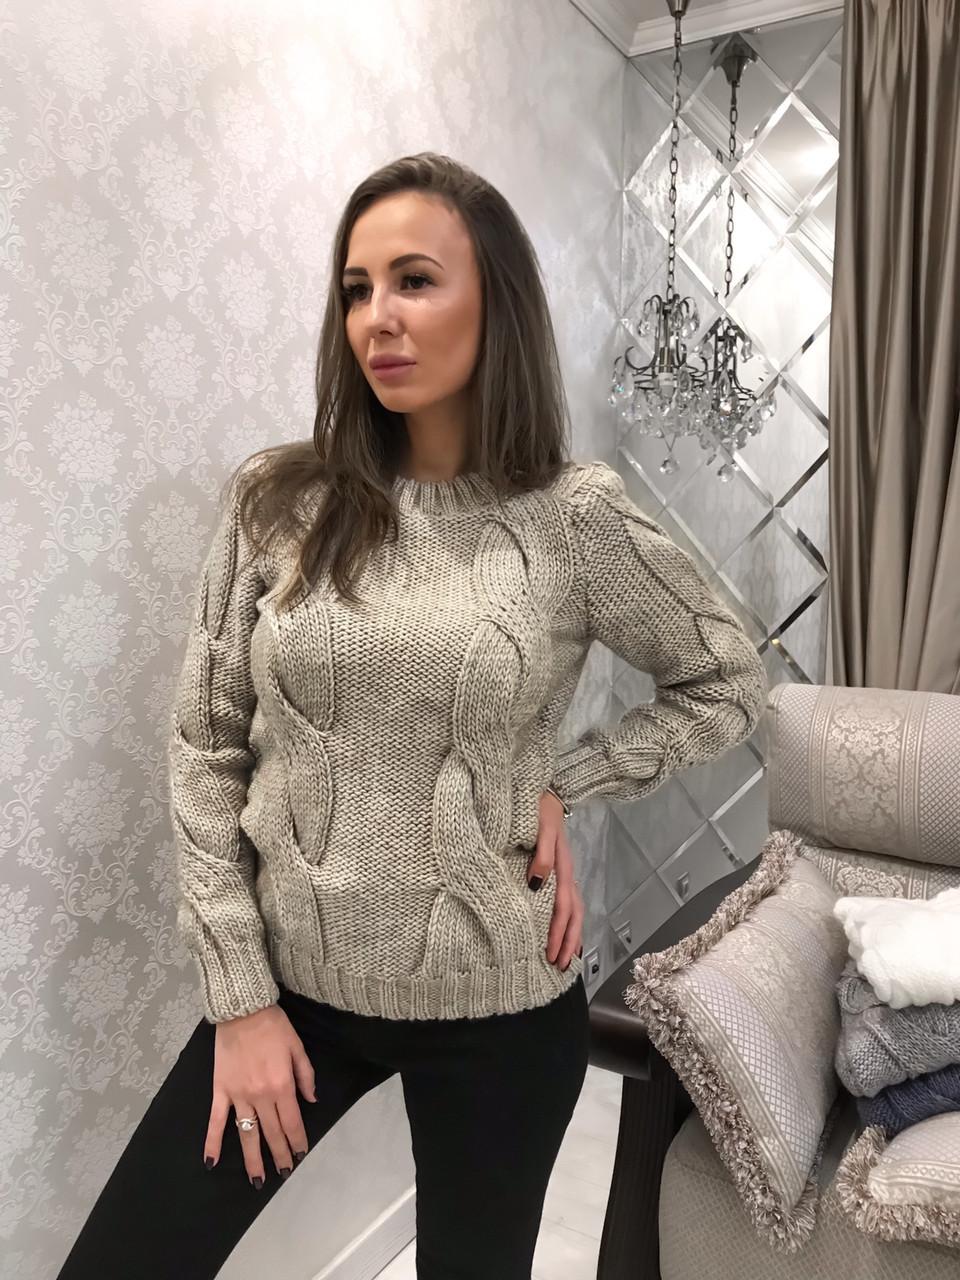 84a3df4c58f Вязаный зимний свитер (арт. 150844242) - Aleksa - интернет-магазин женской  одежды